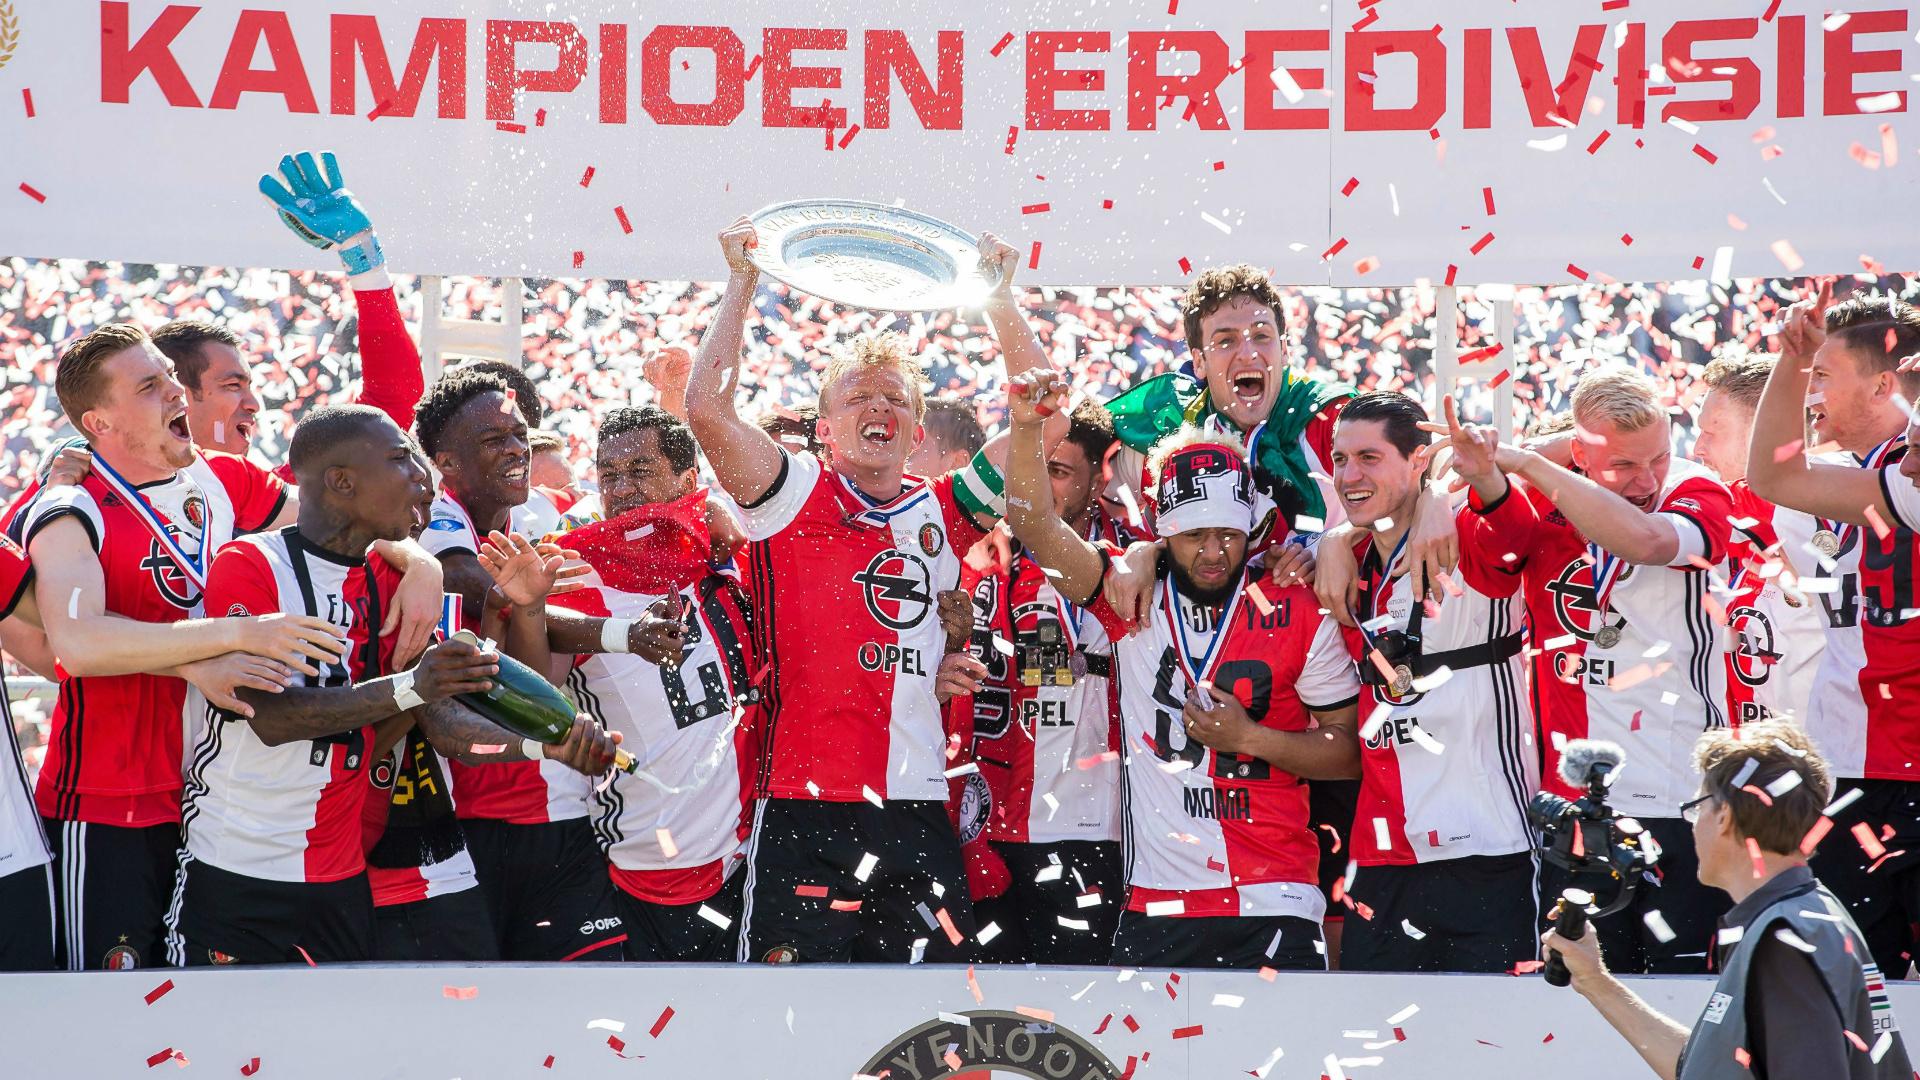 Feyenoord Eredivisie champions kampioenen